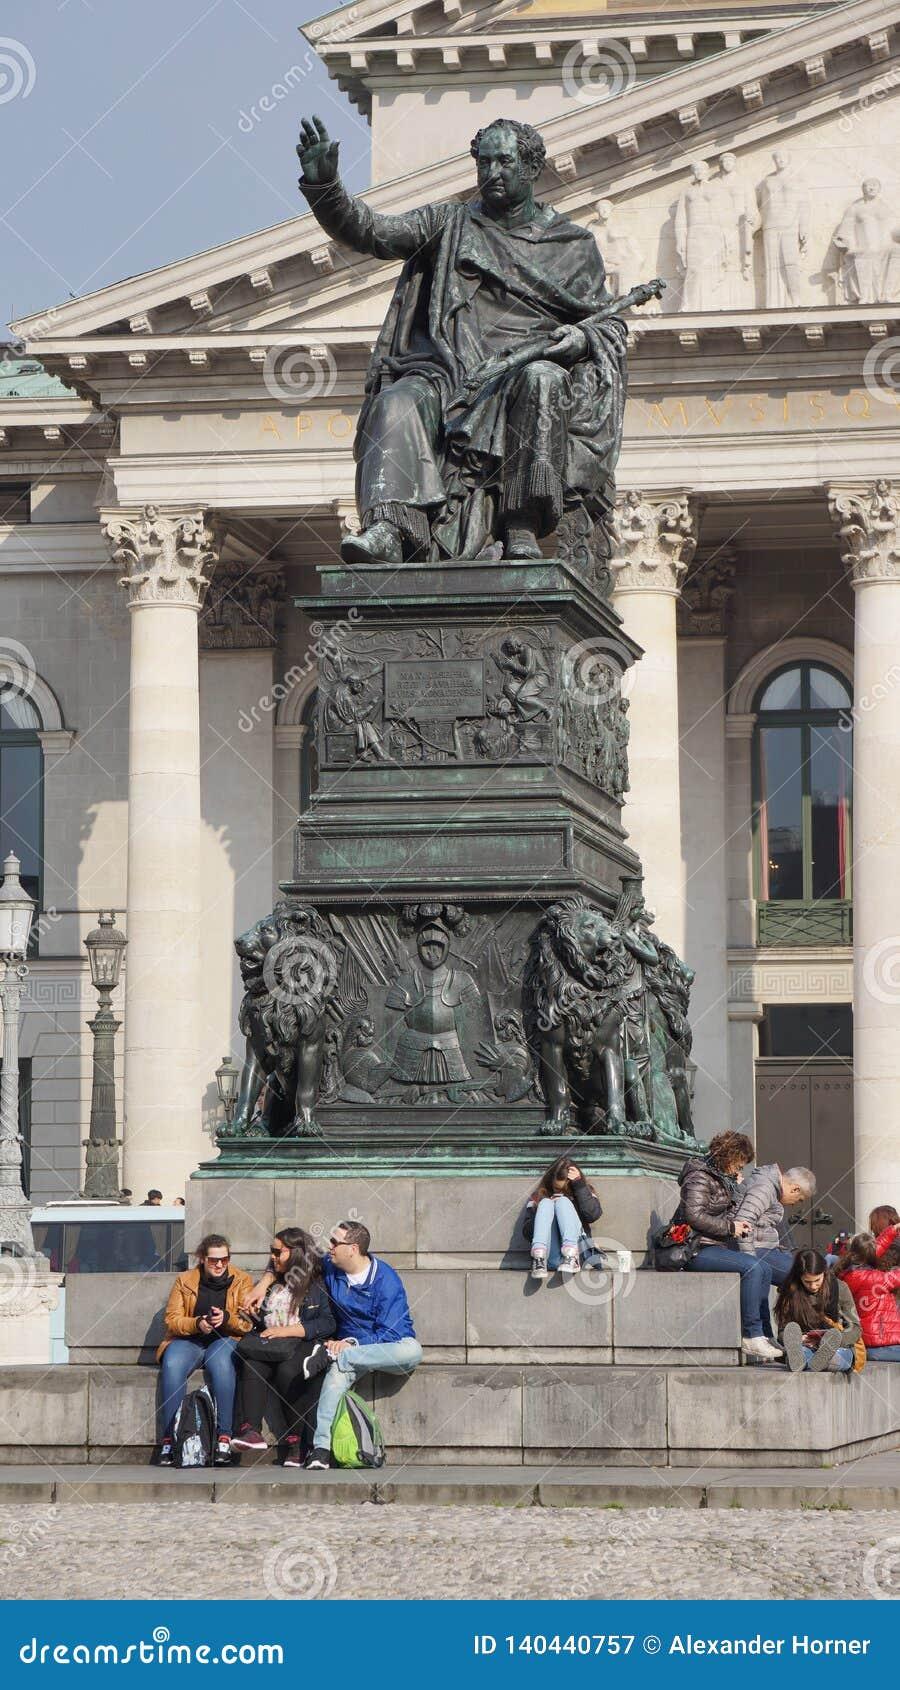 Das colunas quadradas munish do monumento dos odeons do teatro nacional teatro nacional